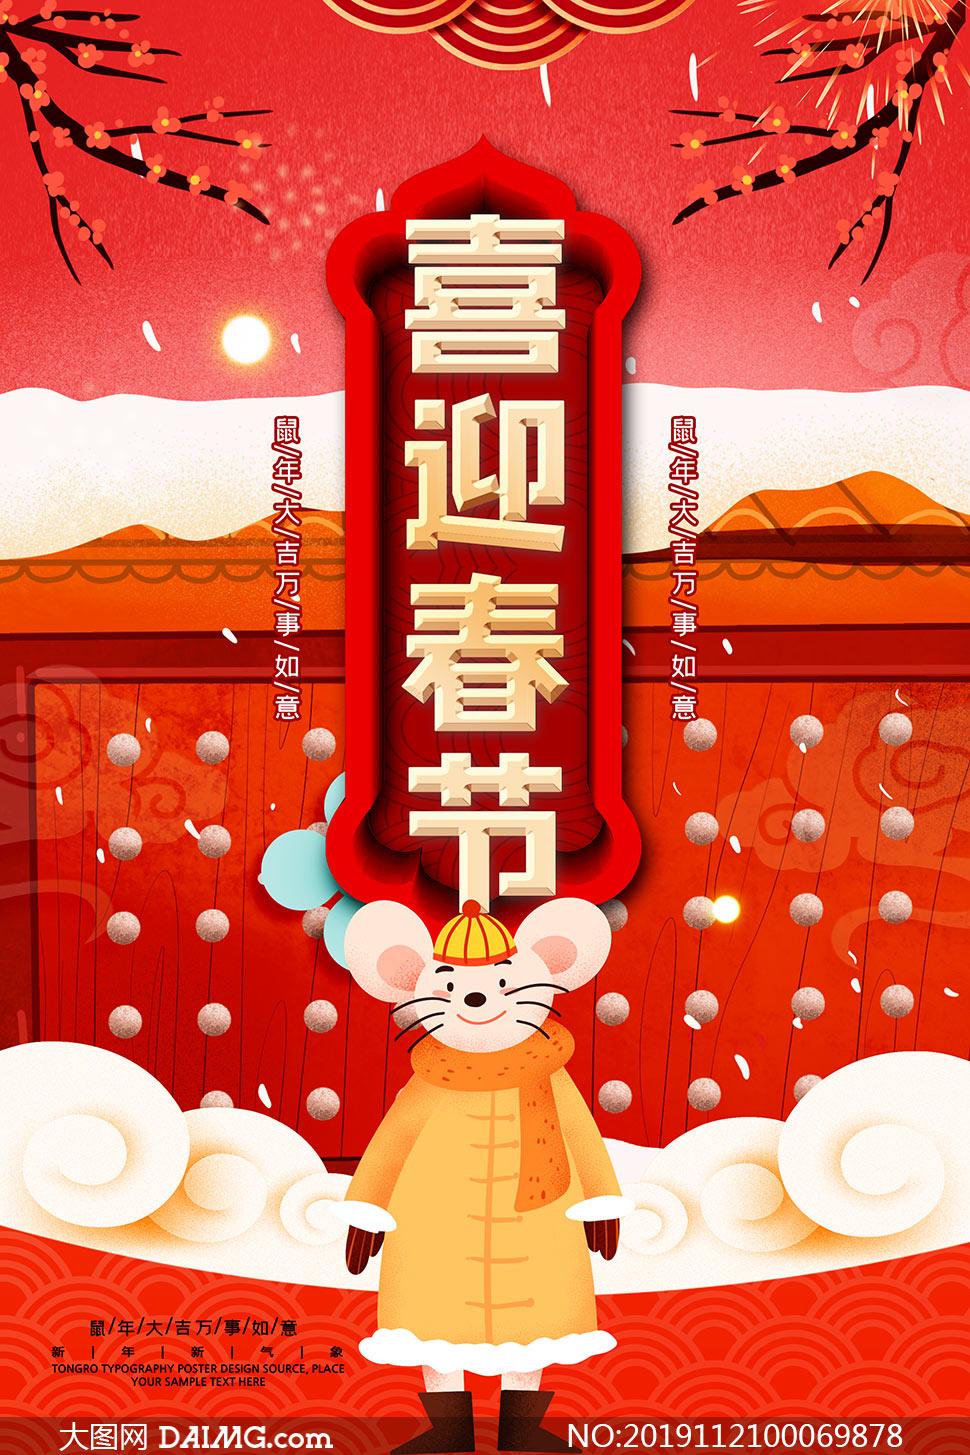 2020鼠年迎春节活动海报设计PSD素材